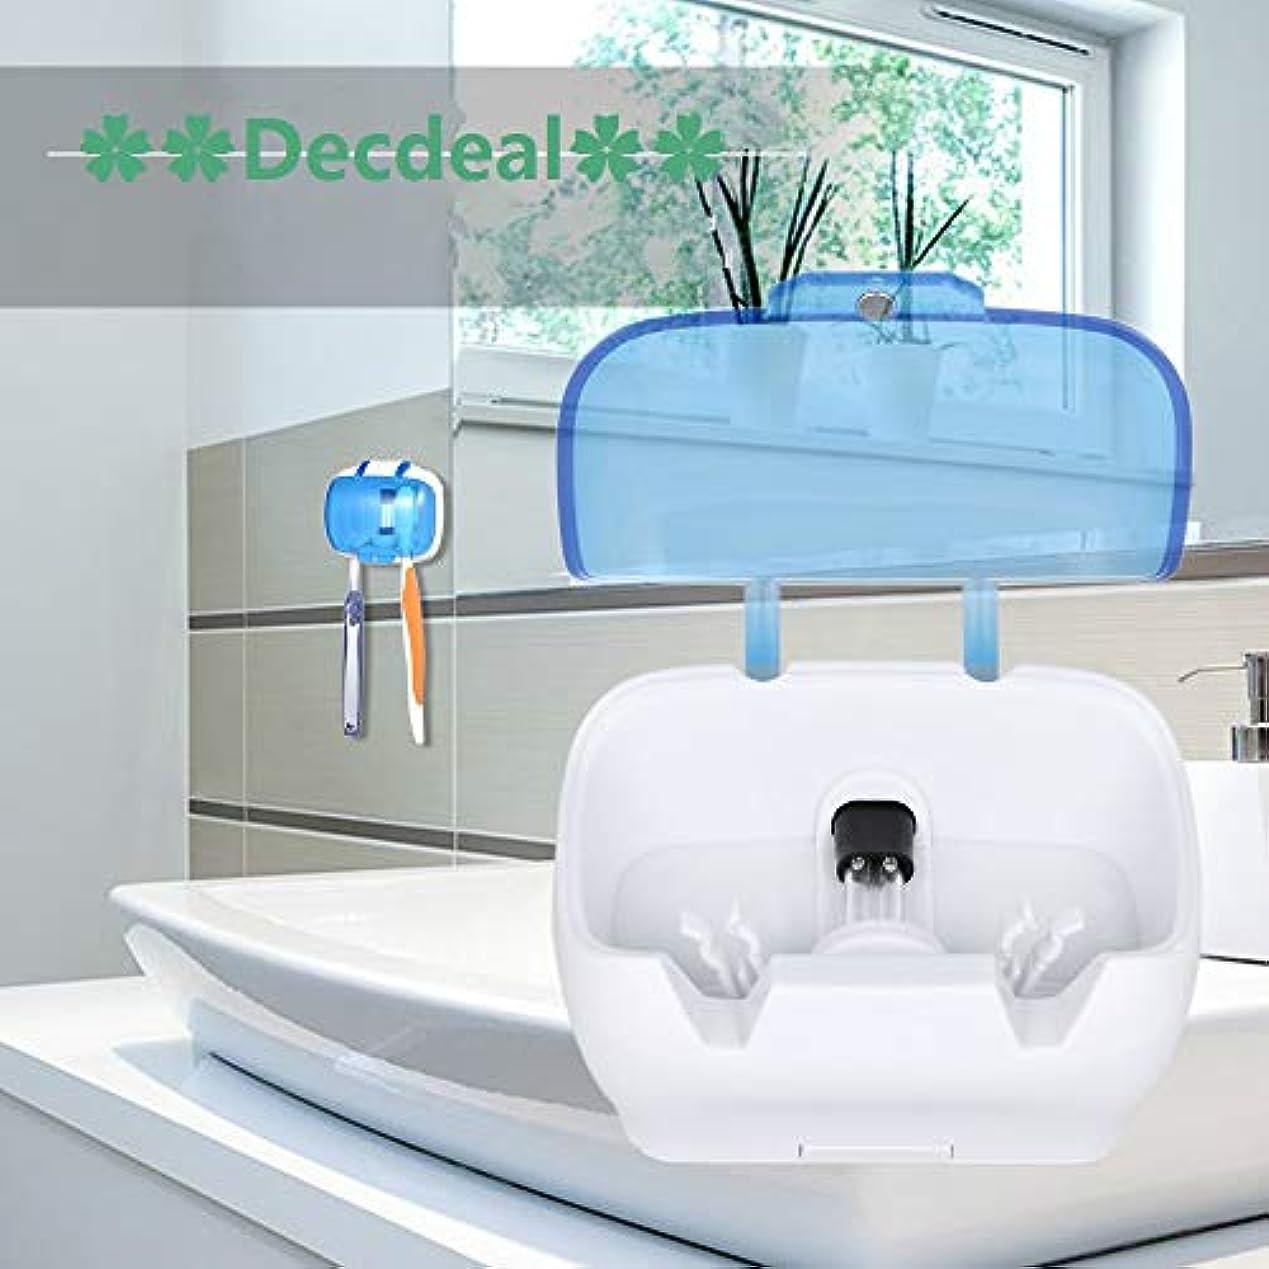 何よりも否定する強化Decdeal UV滅菌キャビネット 多機能消毒クリーンツール プロフェッショナル ネイルアート機器トレイ 温度殺菌ツール 5W 220V USプラグ (歯ブラシUV消毒ボックス)